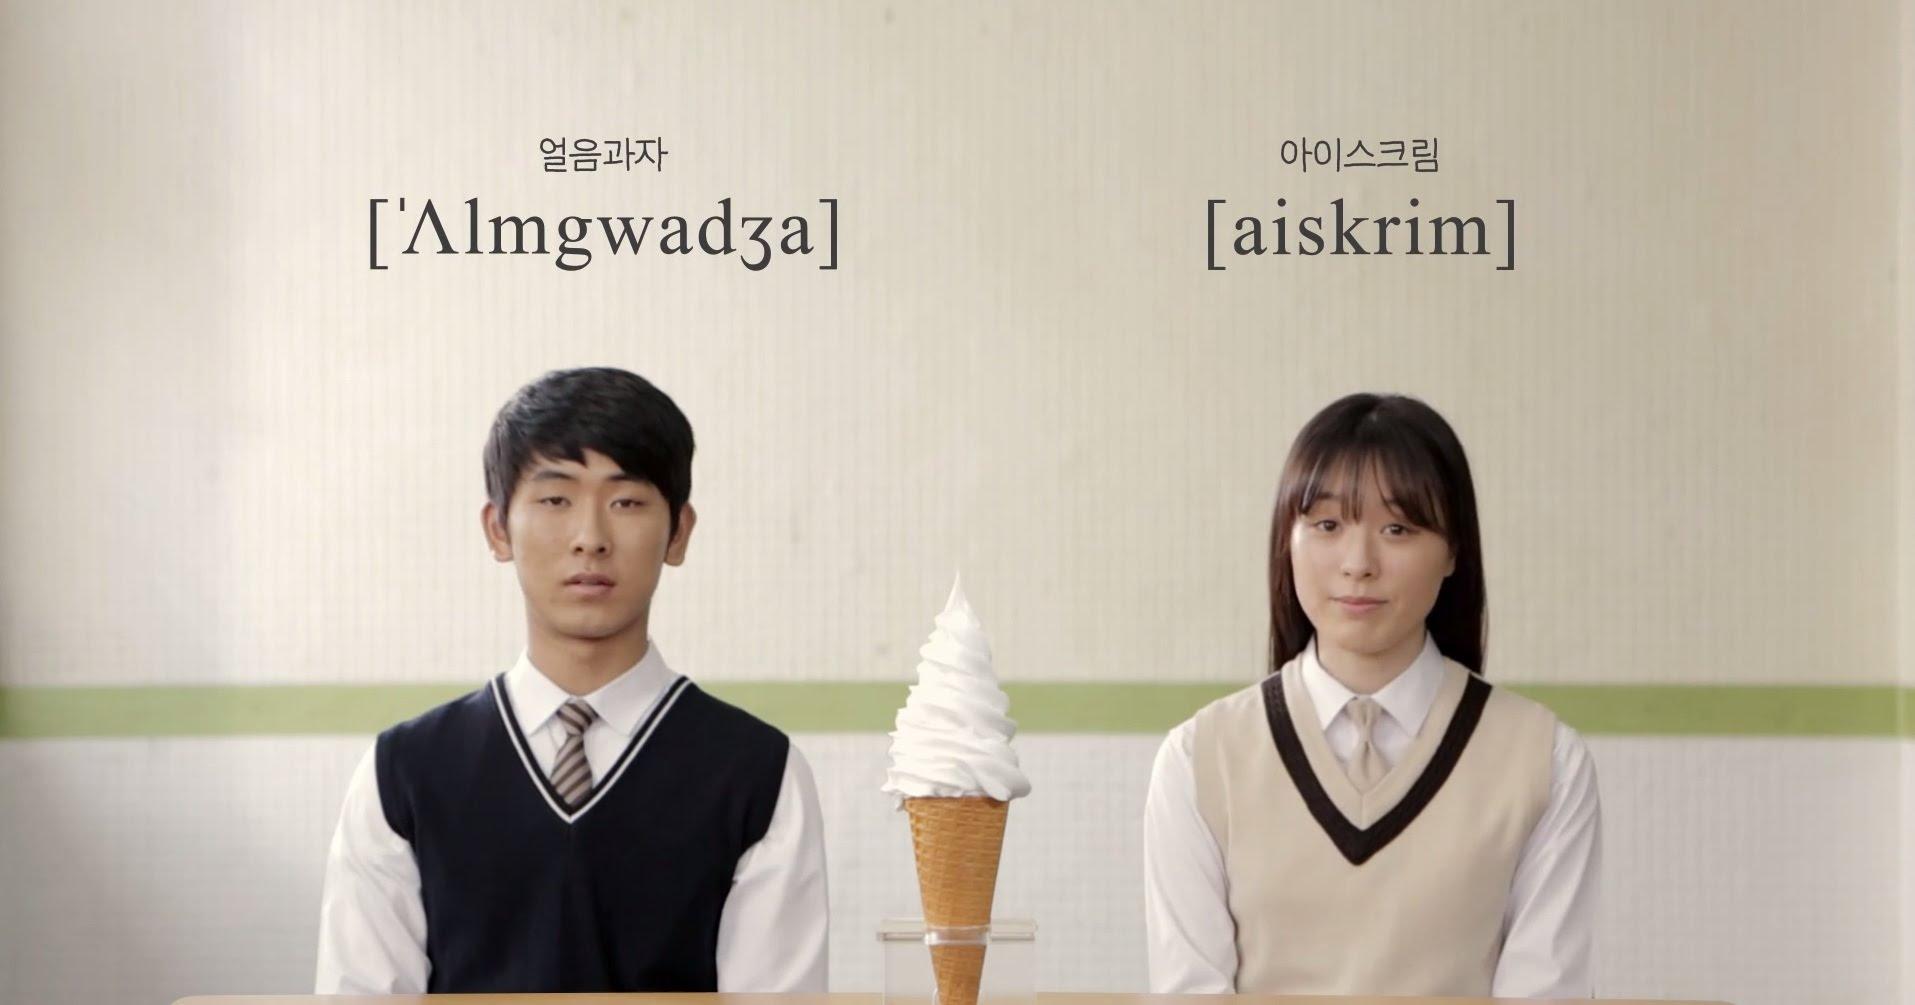 「南北韓就連語言都大不同!脫北者:我的字典裡沒有『麥當勞』」- South Korean-North Korean translator